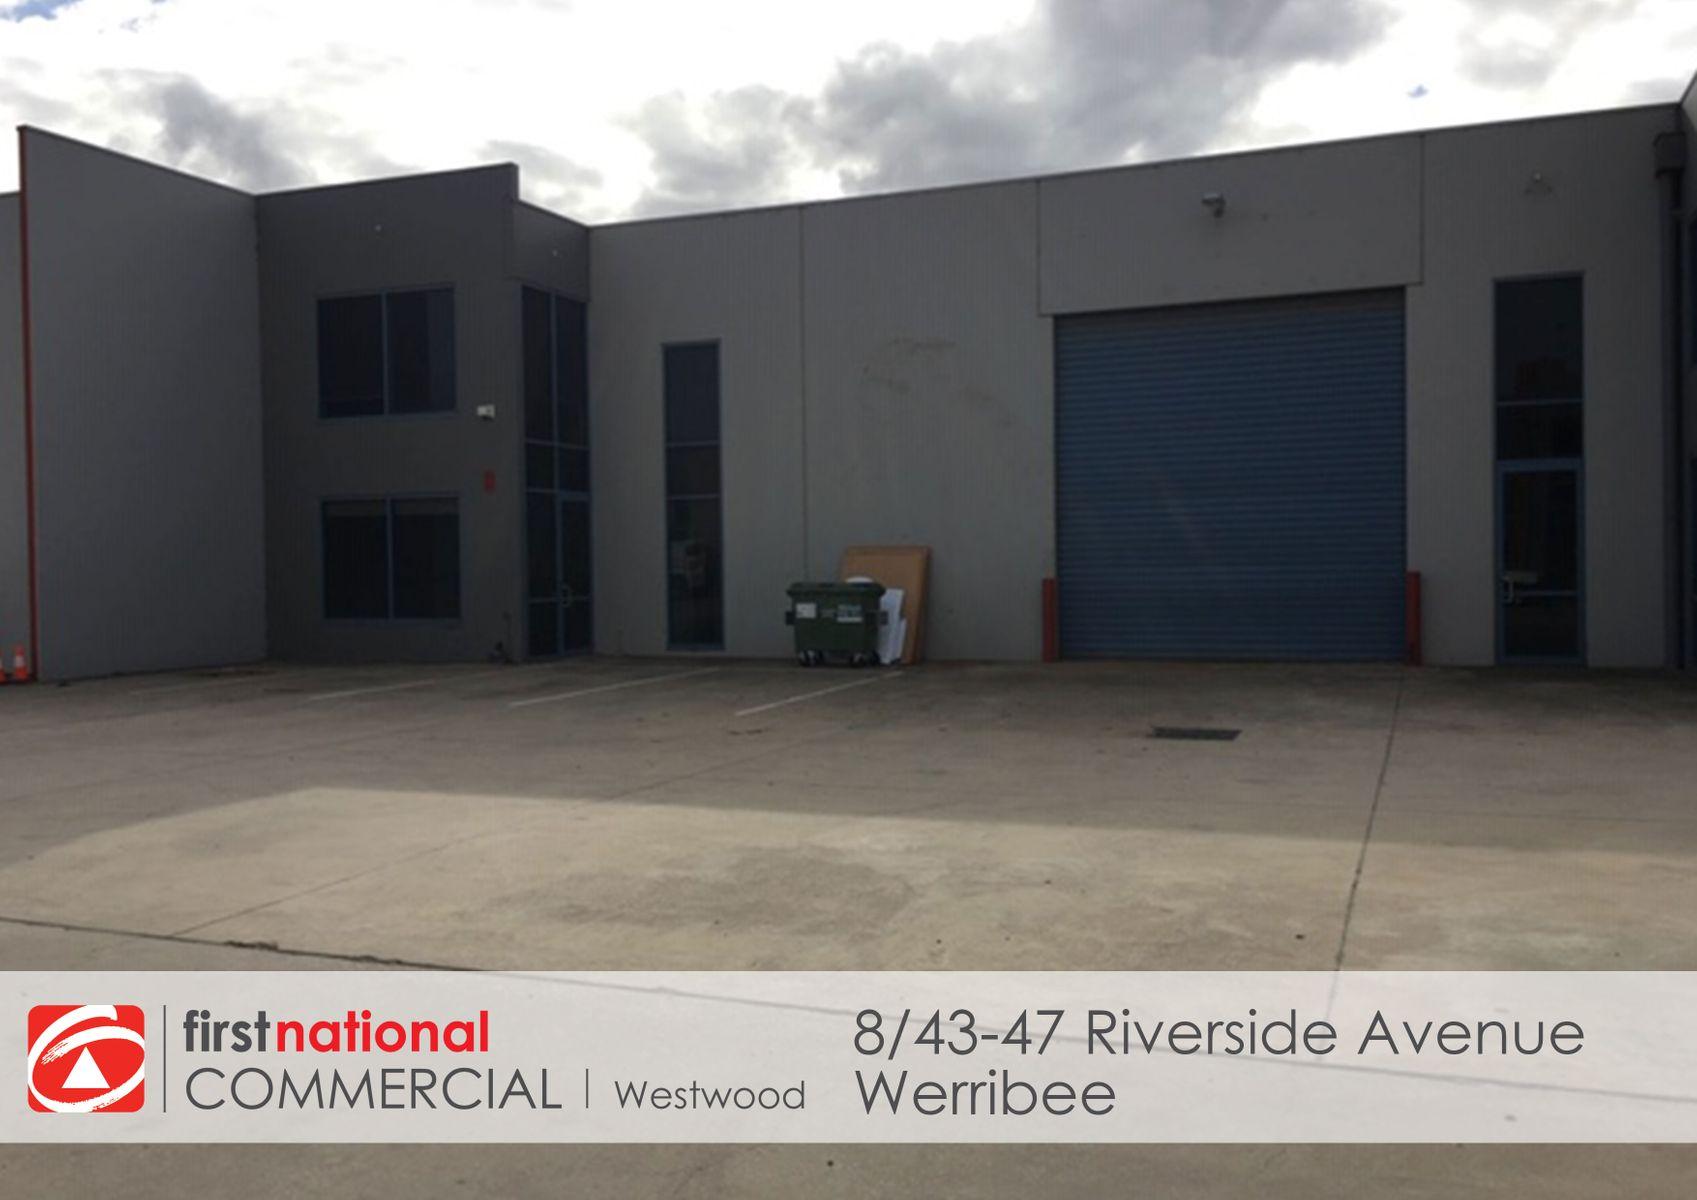 8/43-47 Riverside Avenue, Werribee, VIC 3030